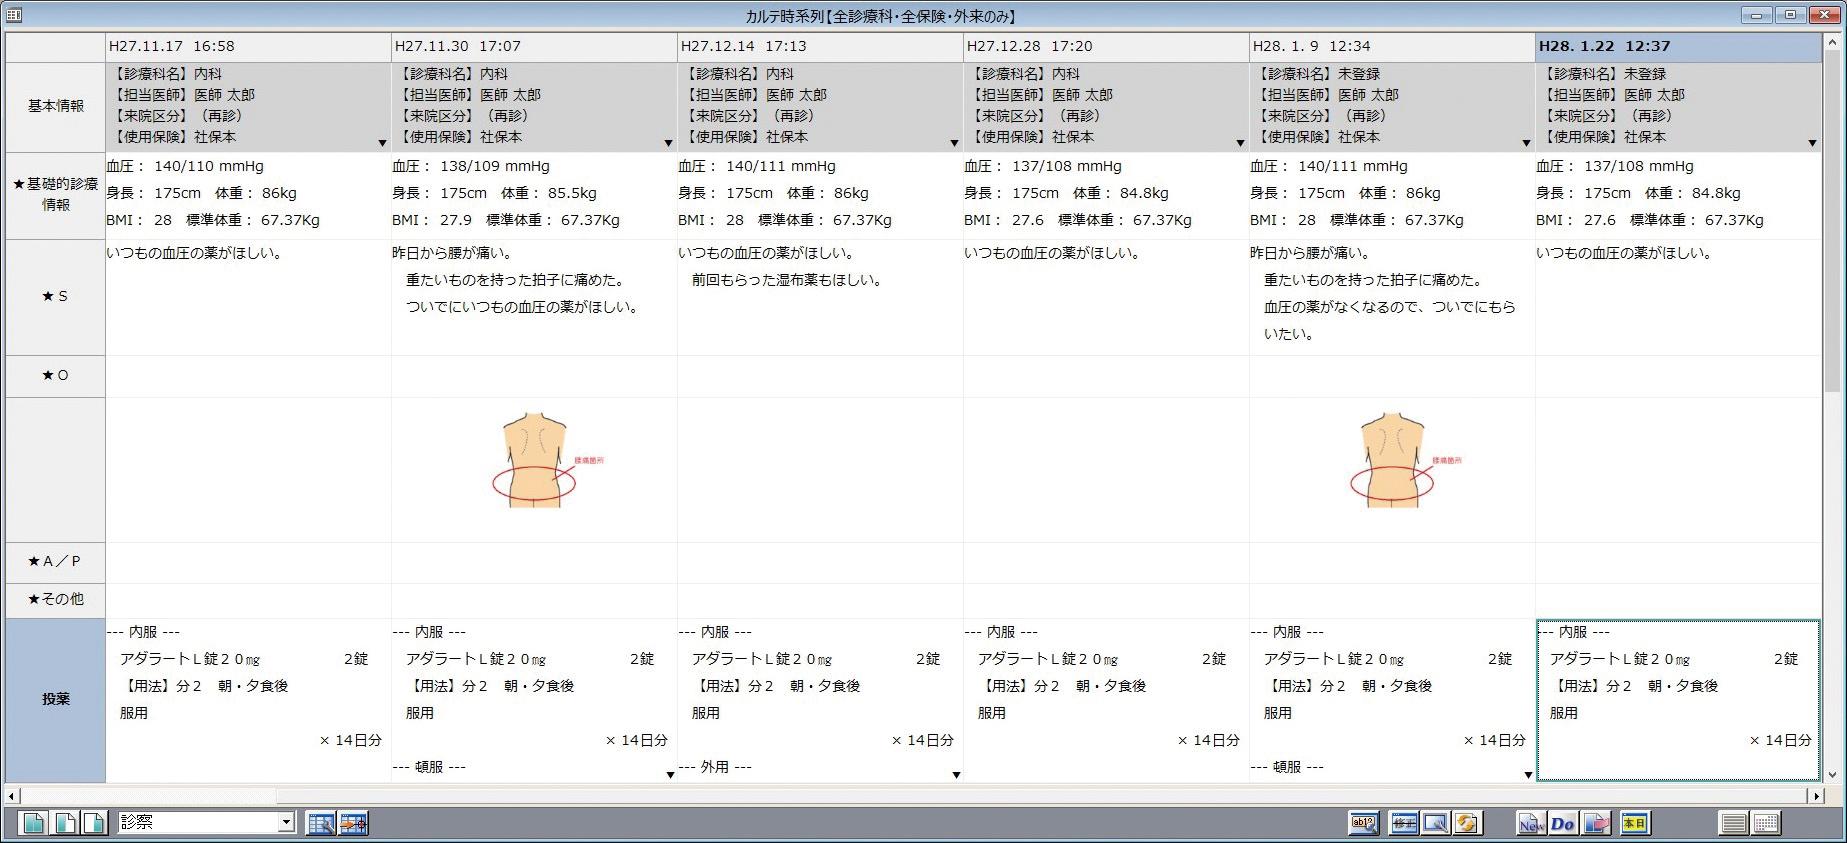 HRV カルテ時系列表示